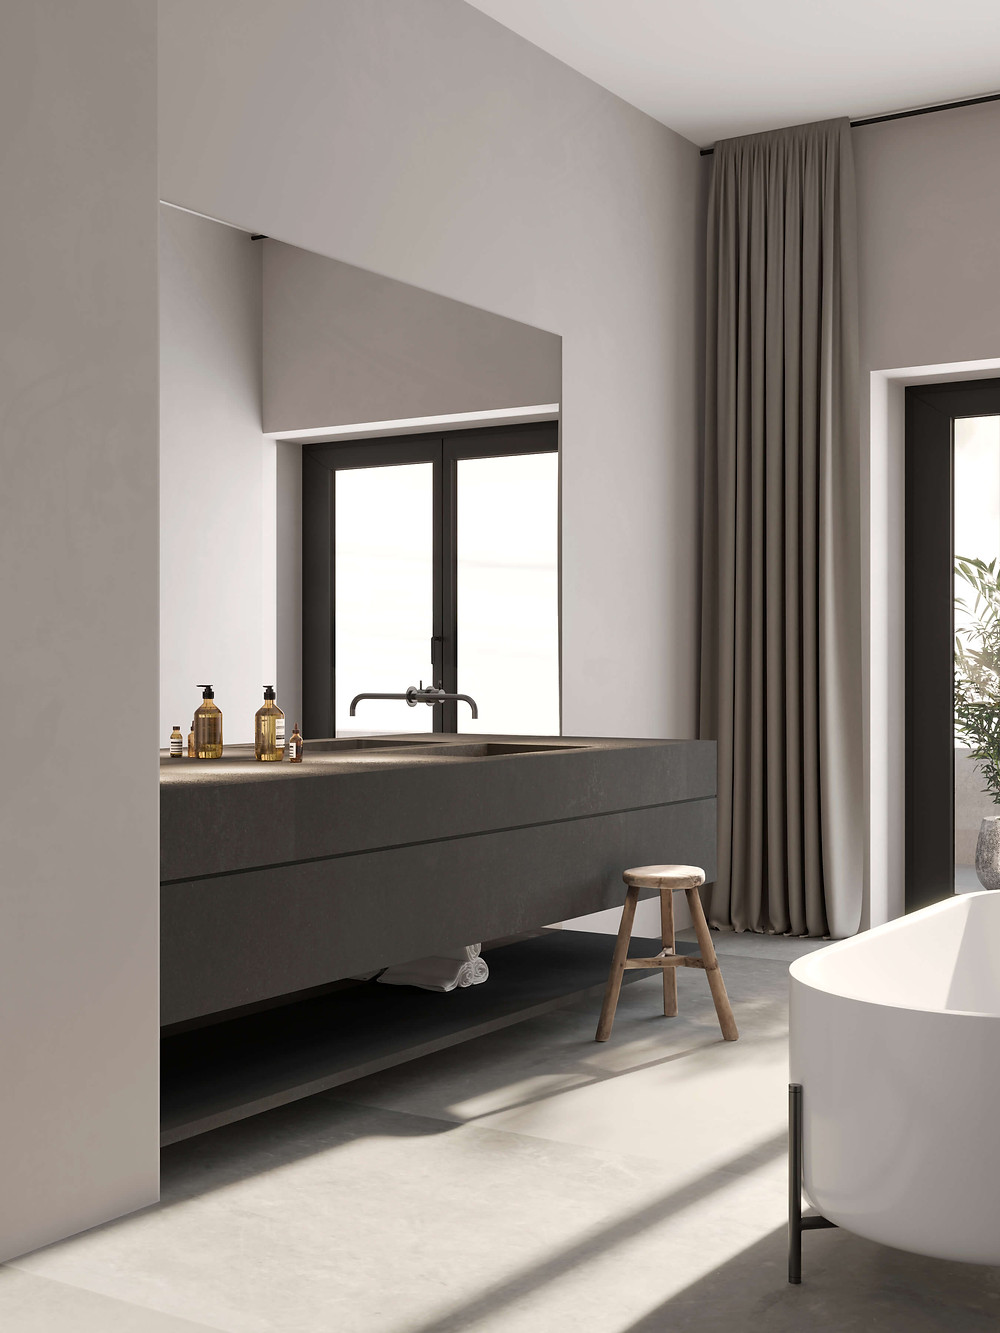 render 3d baño vivienda